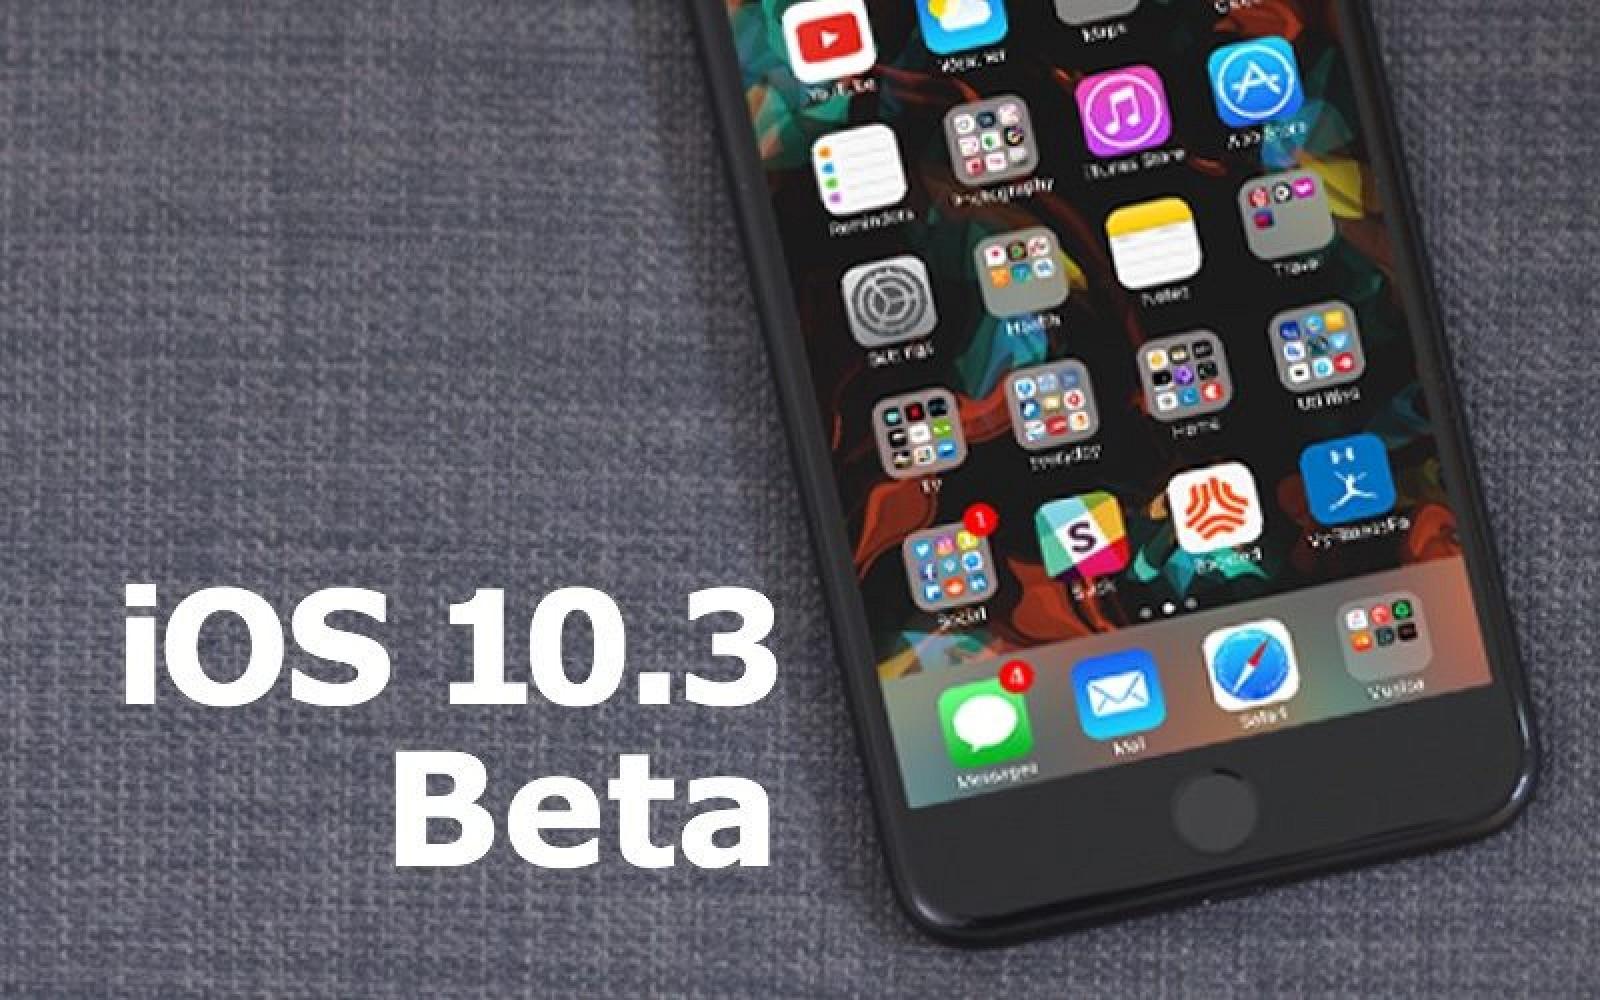 Скачать iOS 10.3 beta 1 для iPhone, iPad и iPod Touch